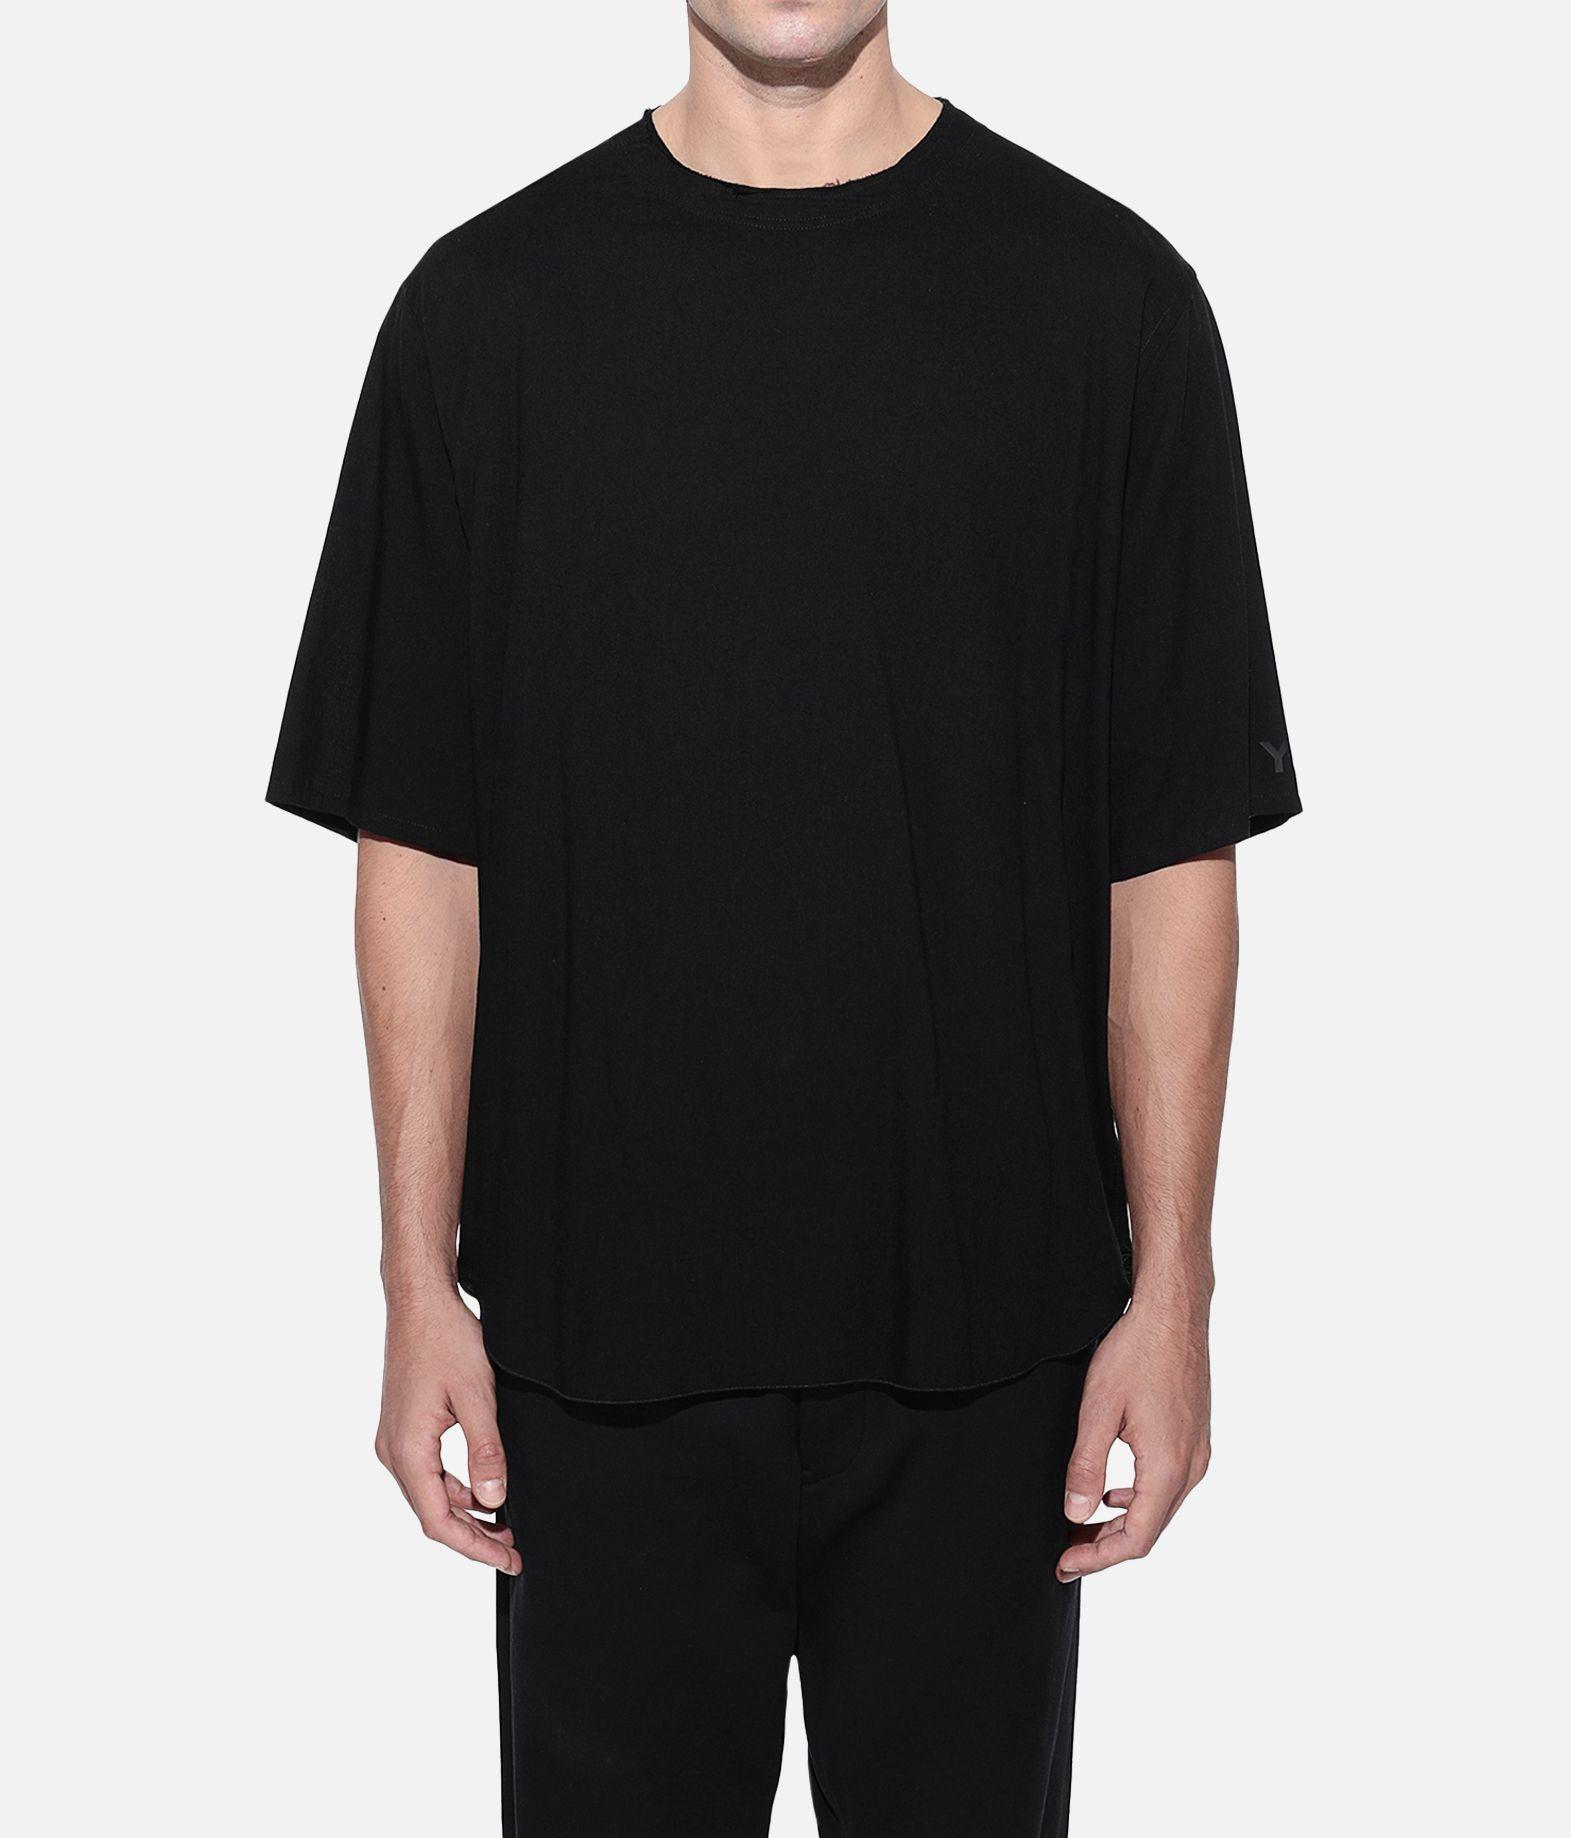 Y-3 Y-3 Long Tee  Kurzärmliges T-shirt Herren r